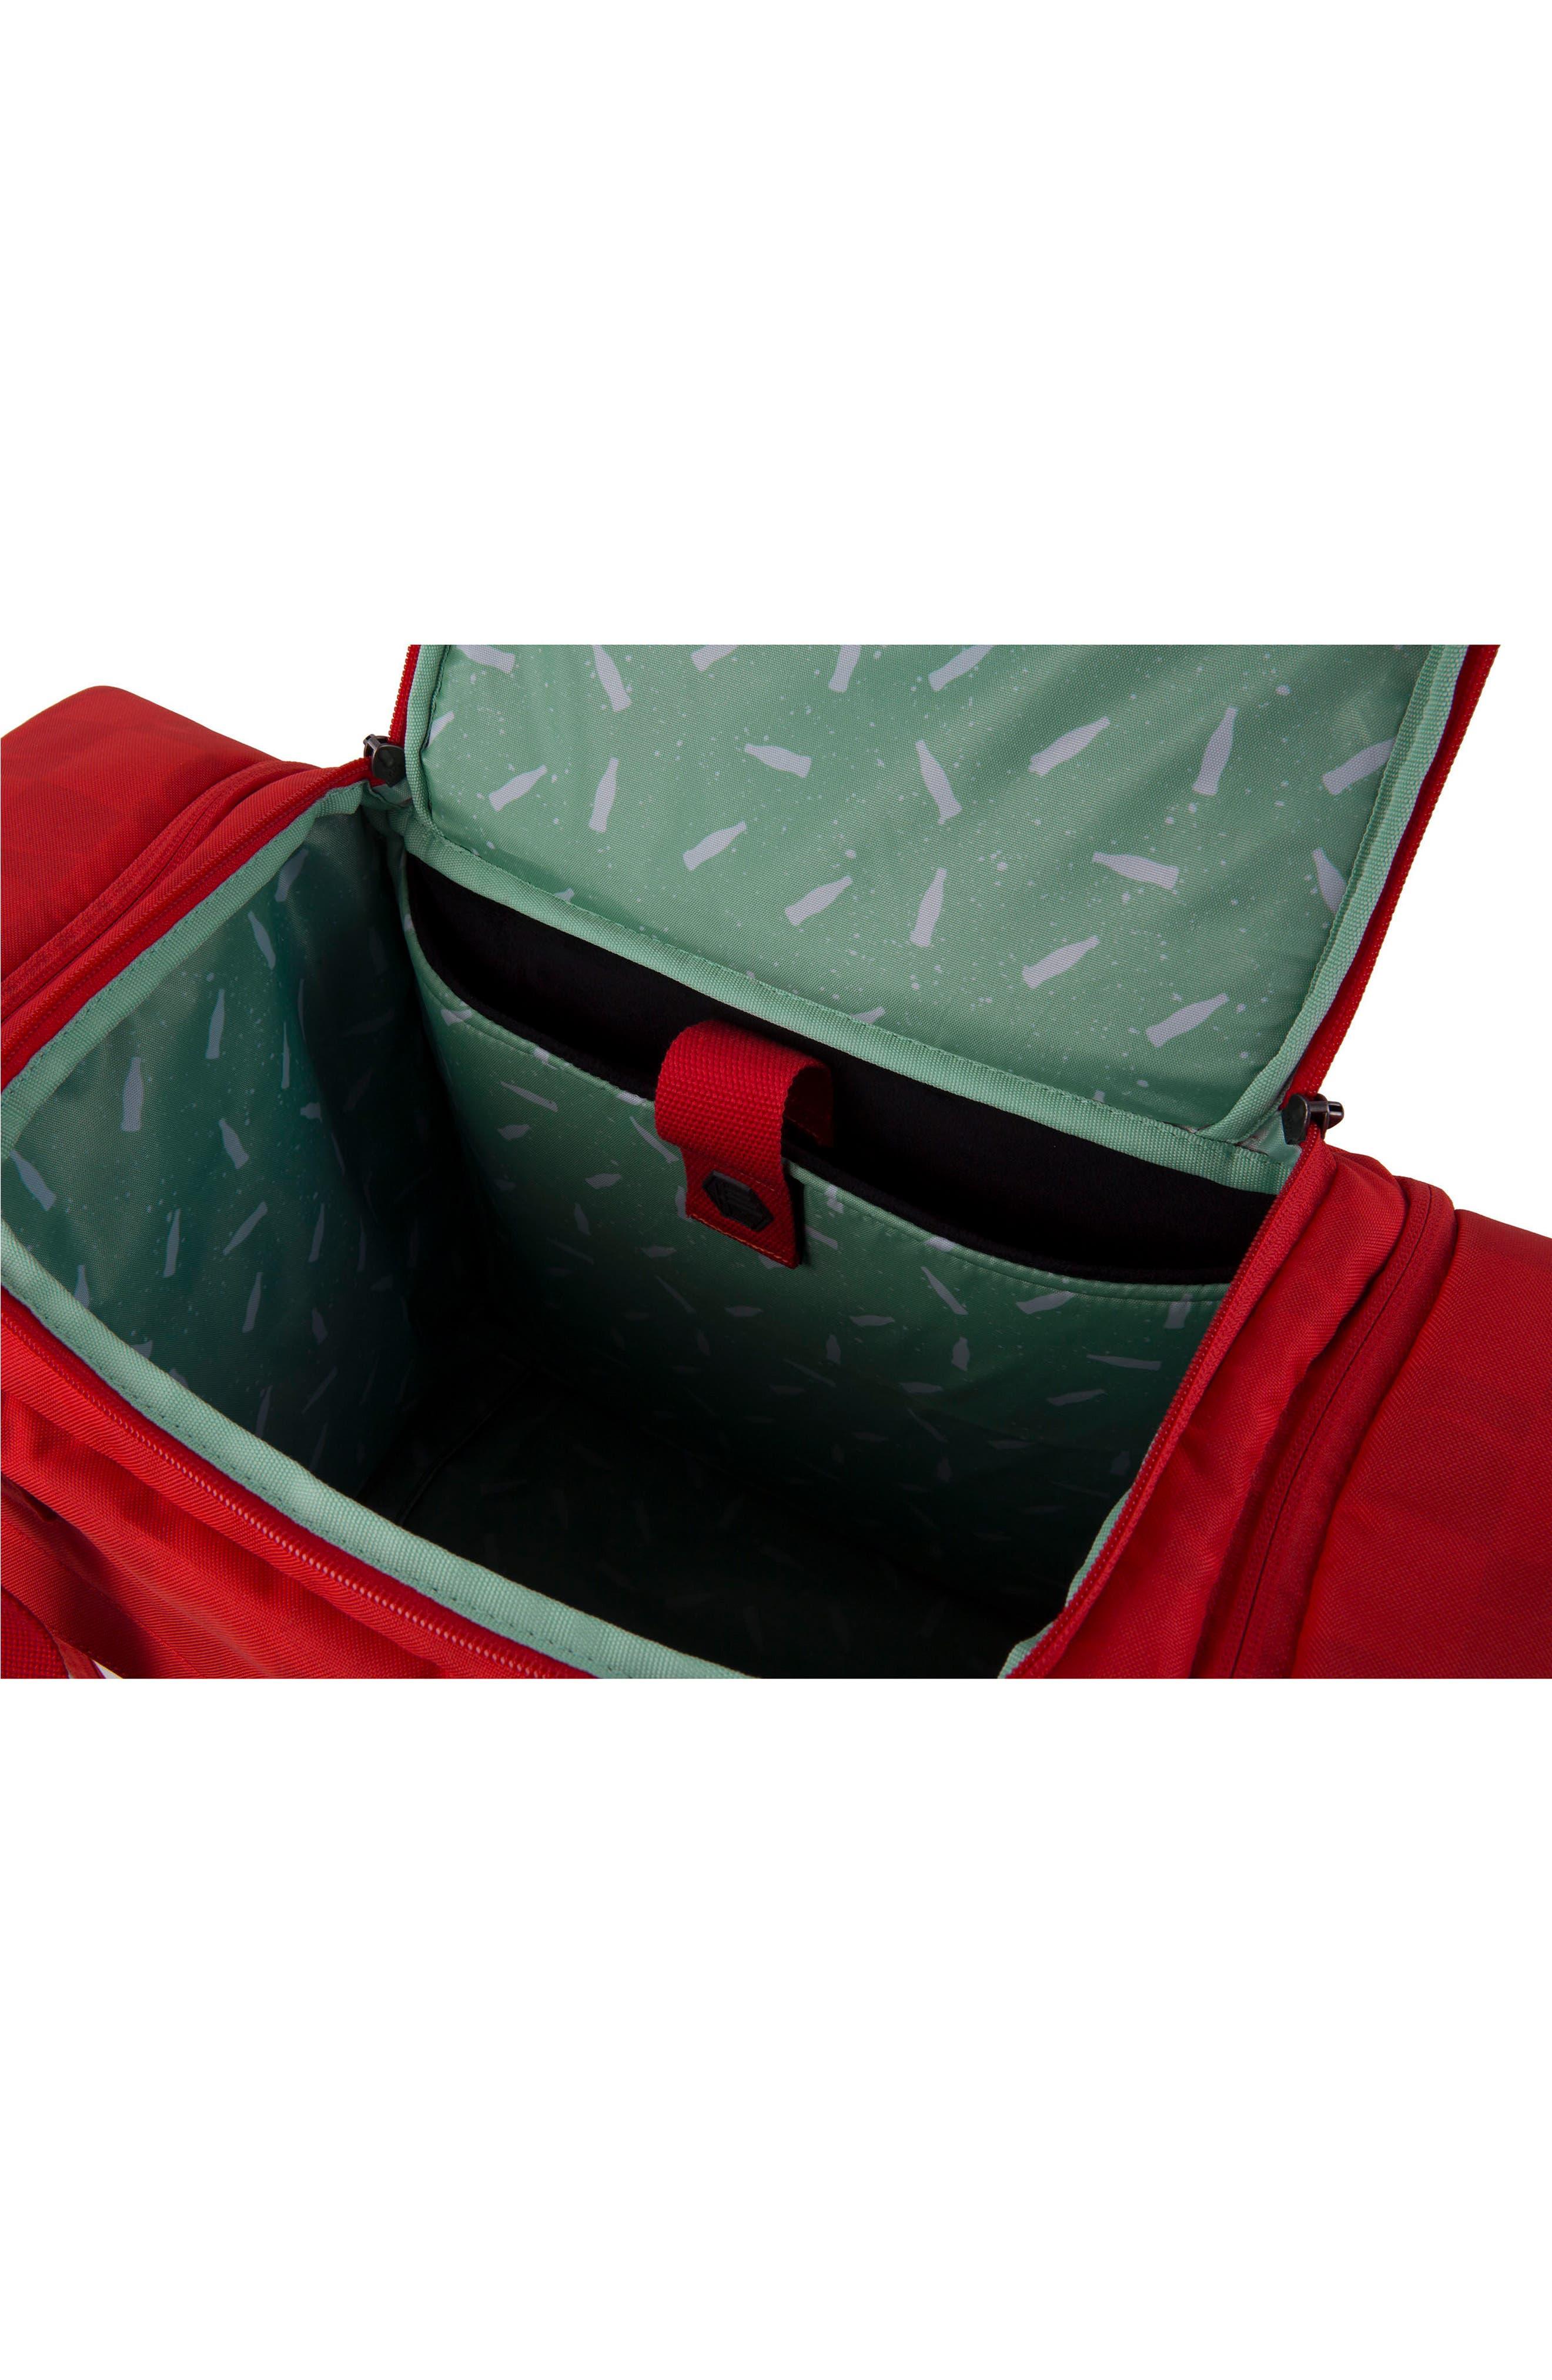 Coca Cola Sneaker Duffel Bag,                             Alternate thumbnail 3, color,                             600